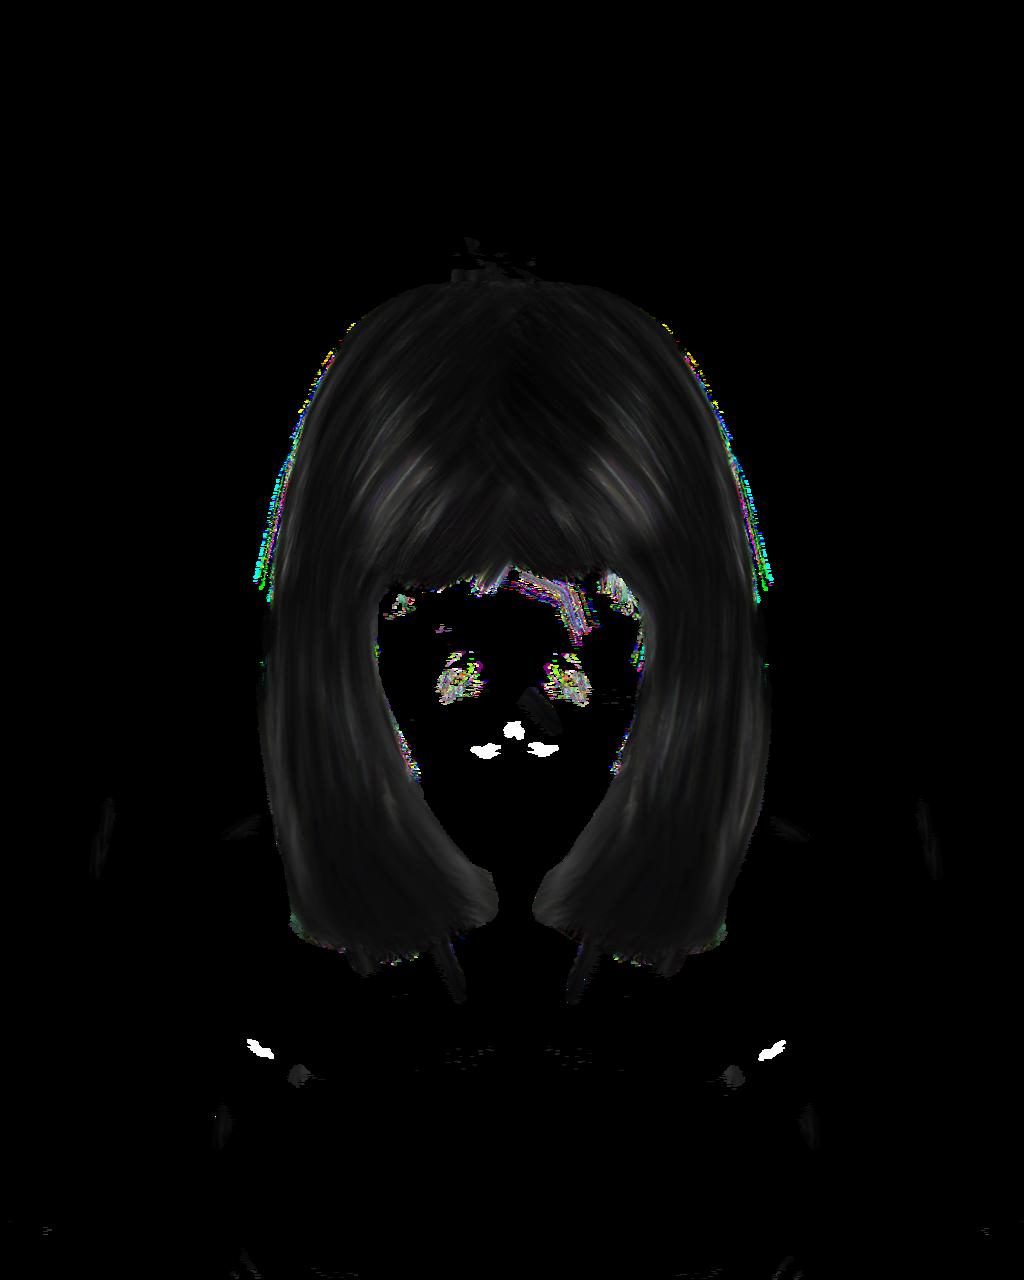 Hair shiny hair